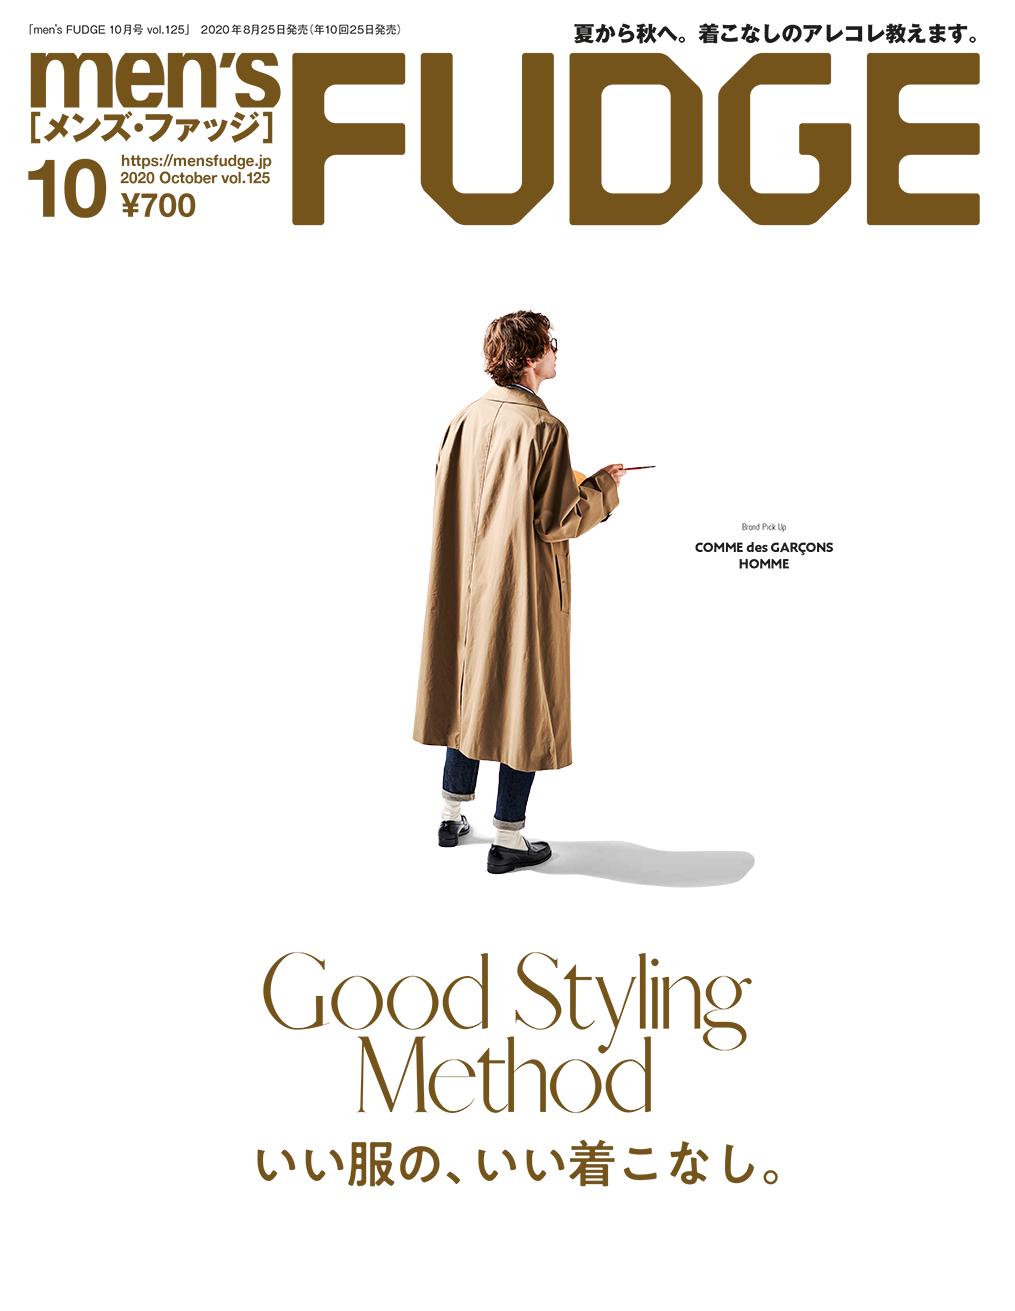 men's FUDGE 10月号にP.I.D Ecrireシリーズの撥水レザーリュックが掲載されました。